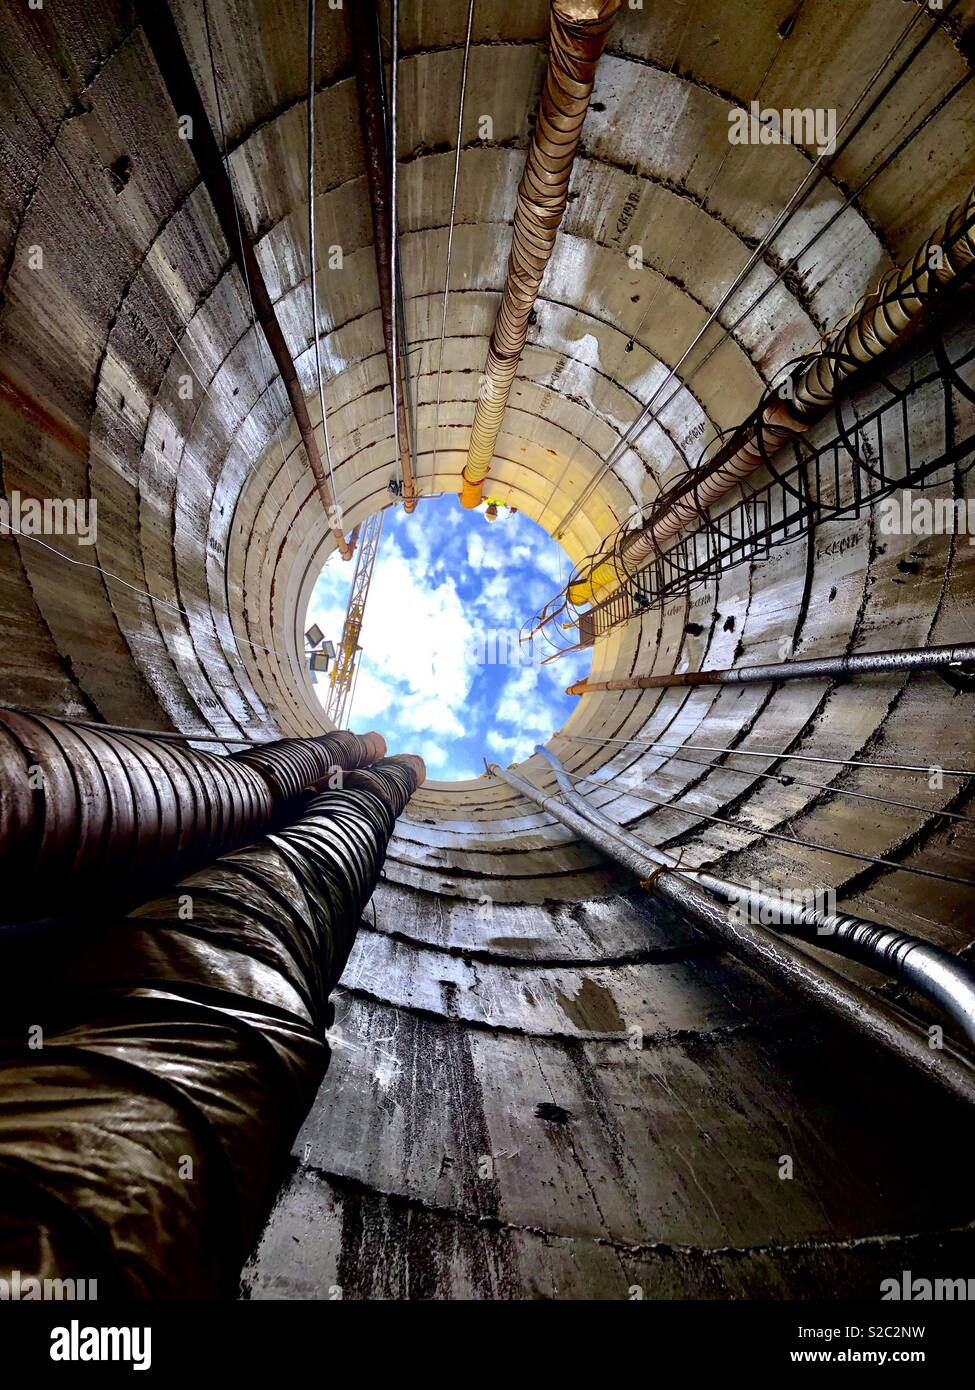 Vista desde un eje de cajones Imagen De Stock